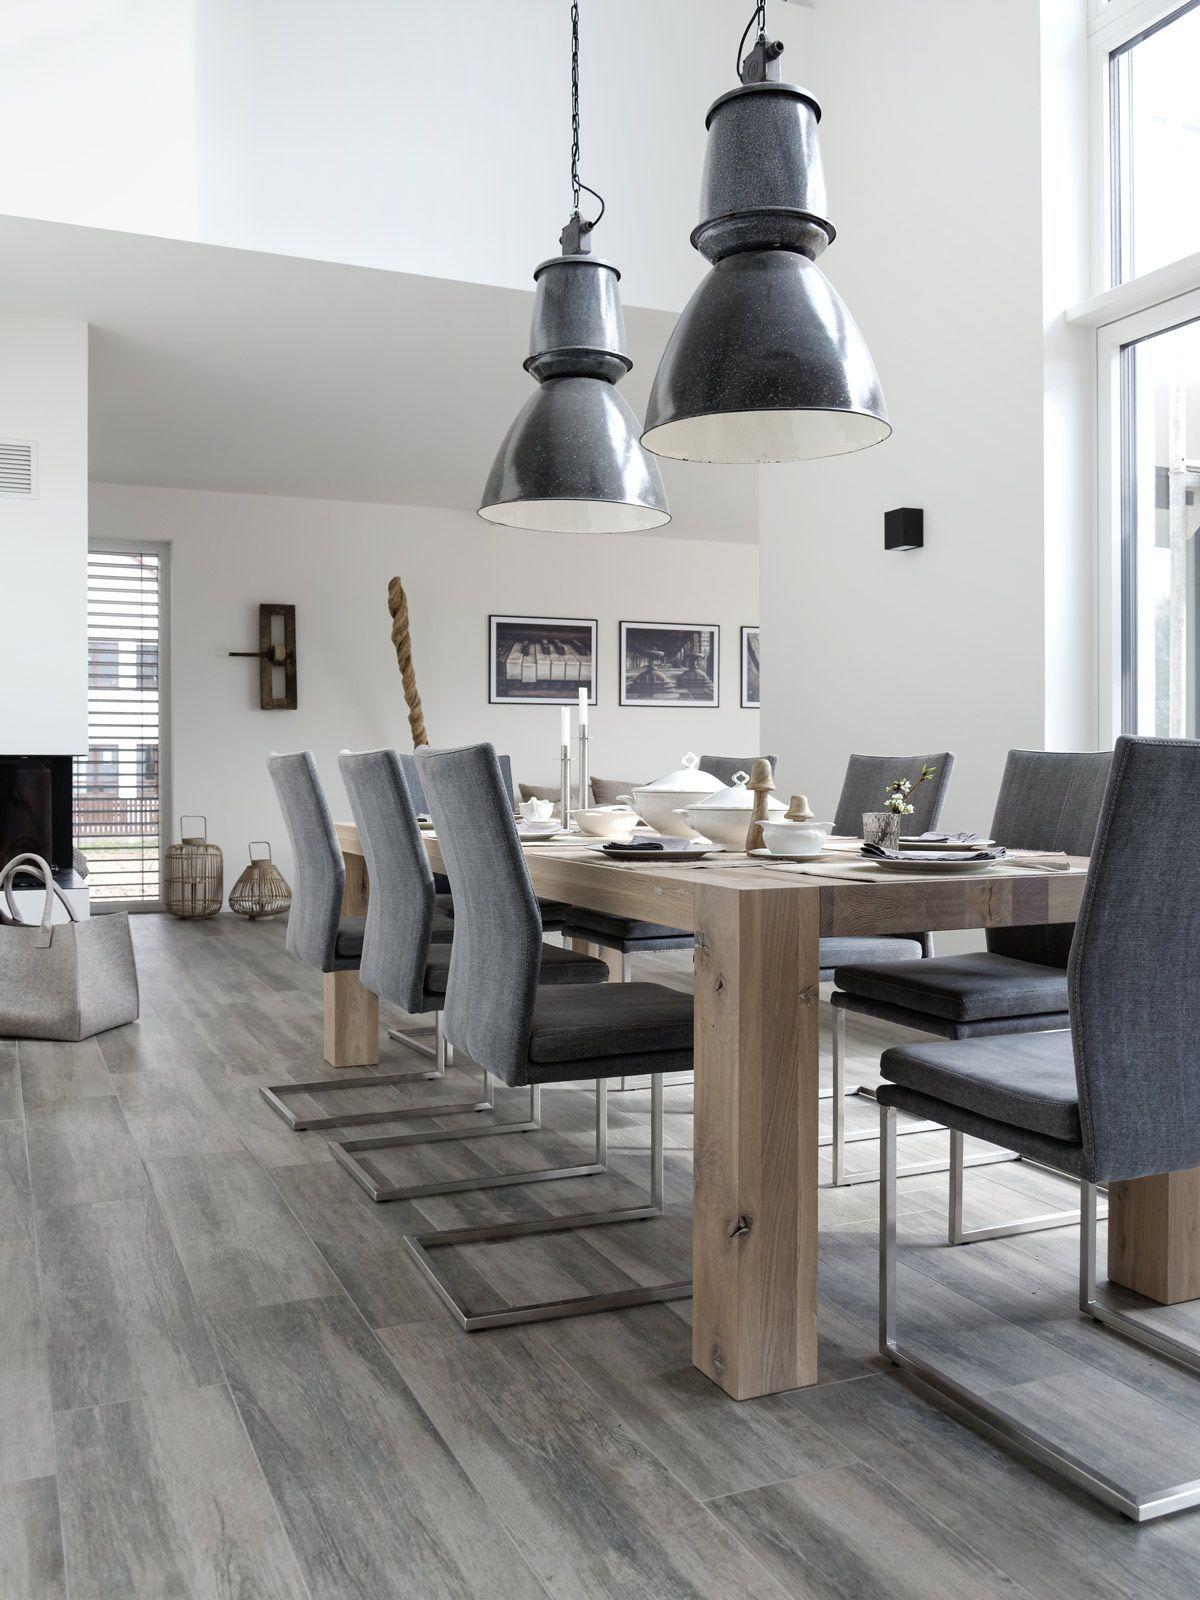 Küchen-designmöbel esszimmer holz sitzgruppe kamin blaue wand farbe  design möbel